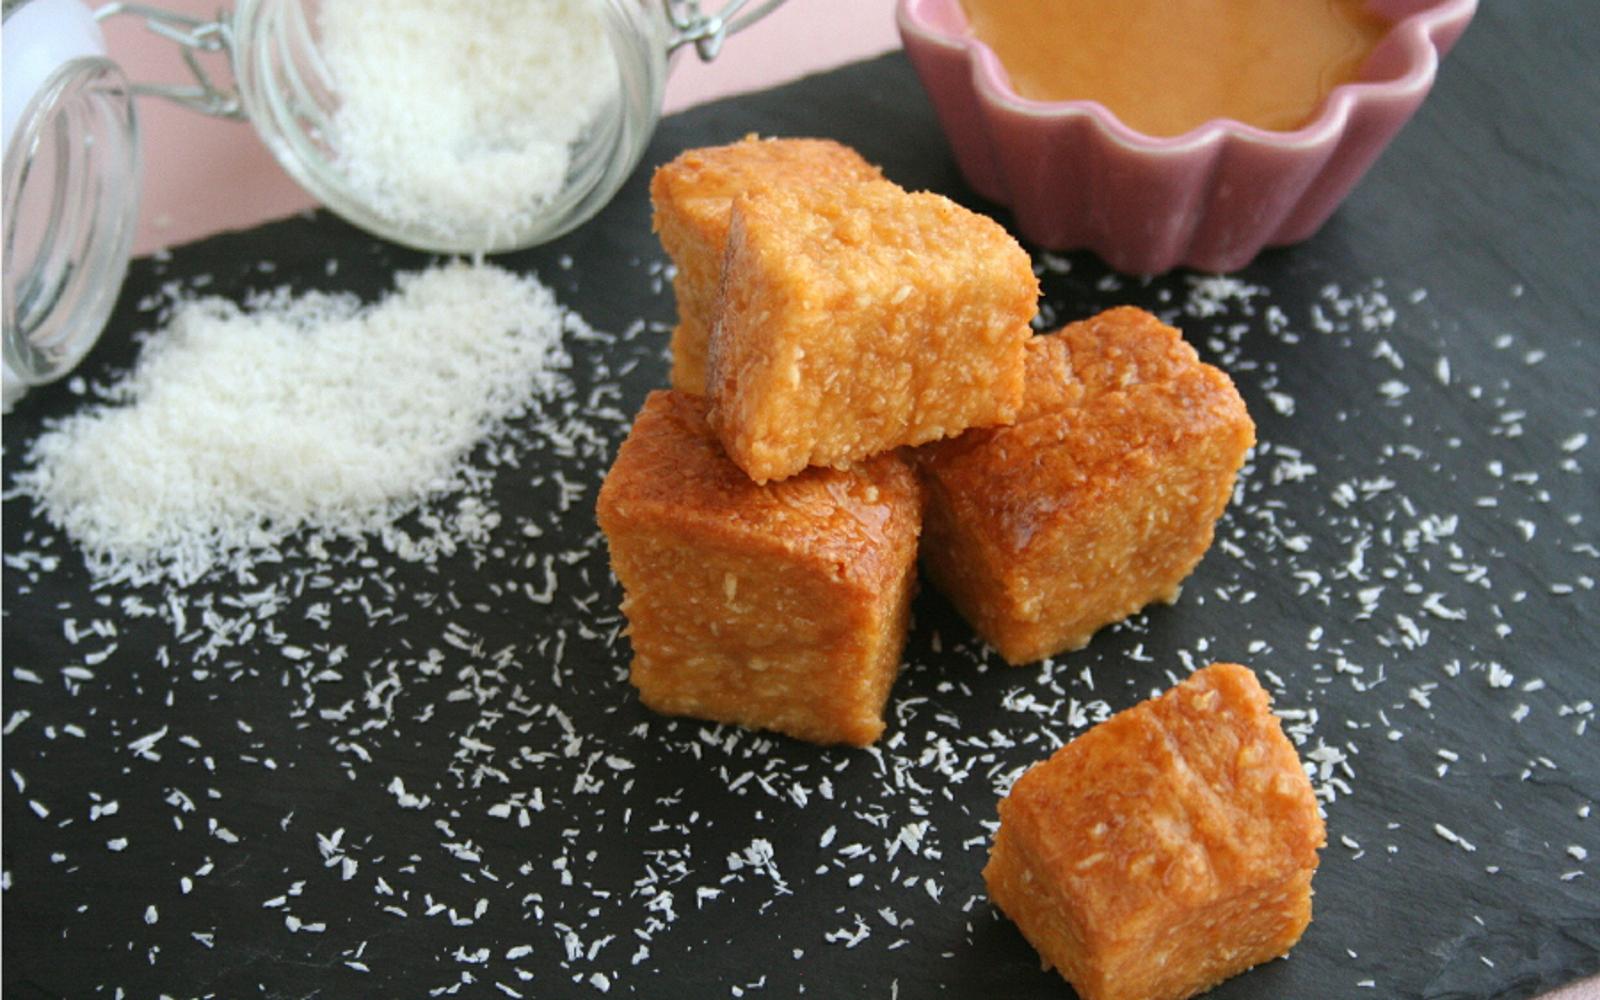 Fa'ausi: Samoan Caramel Over Coconut Bread